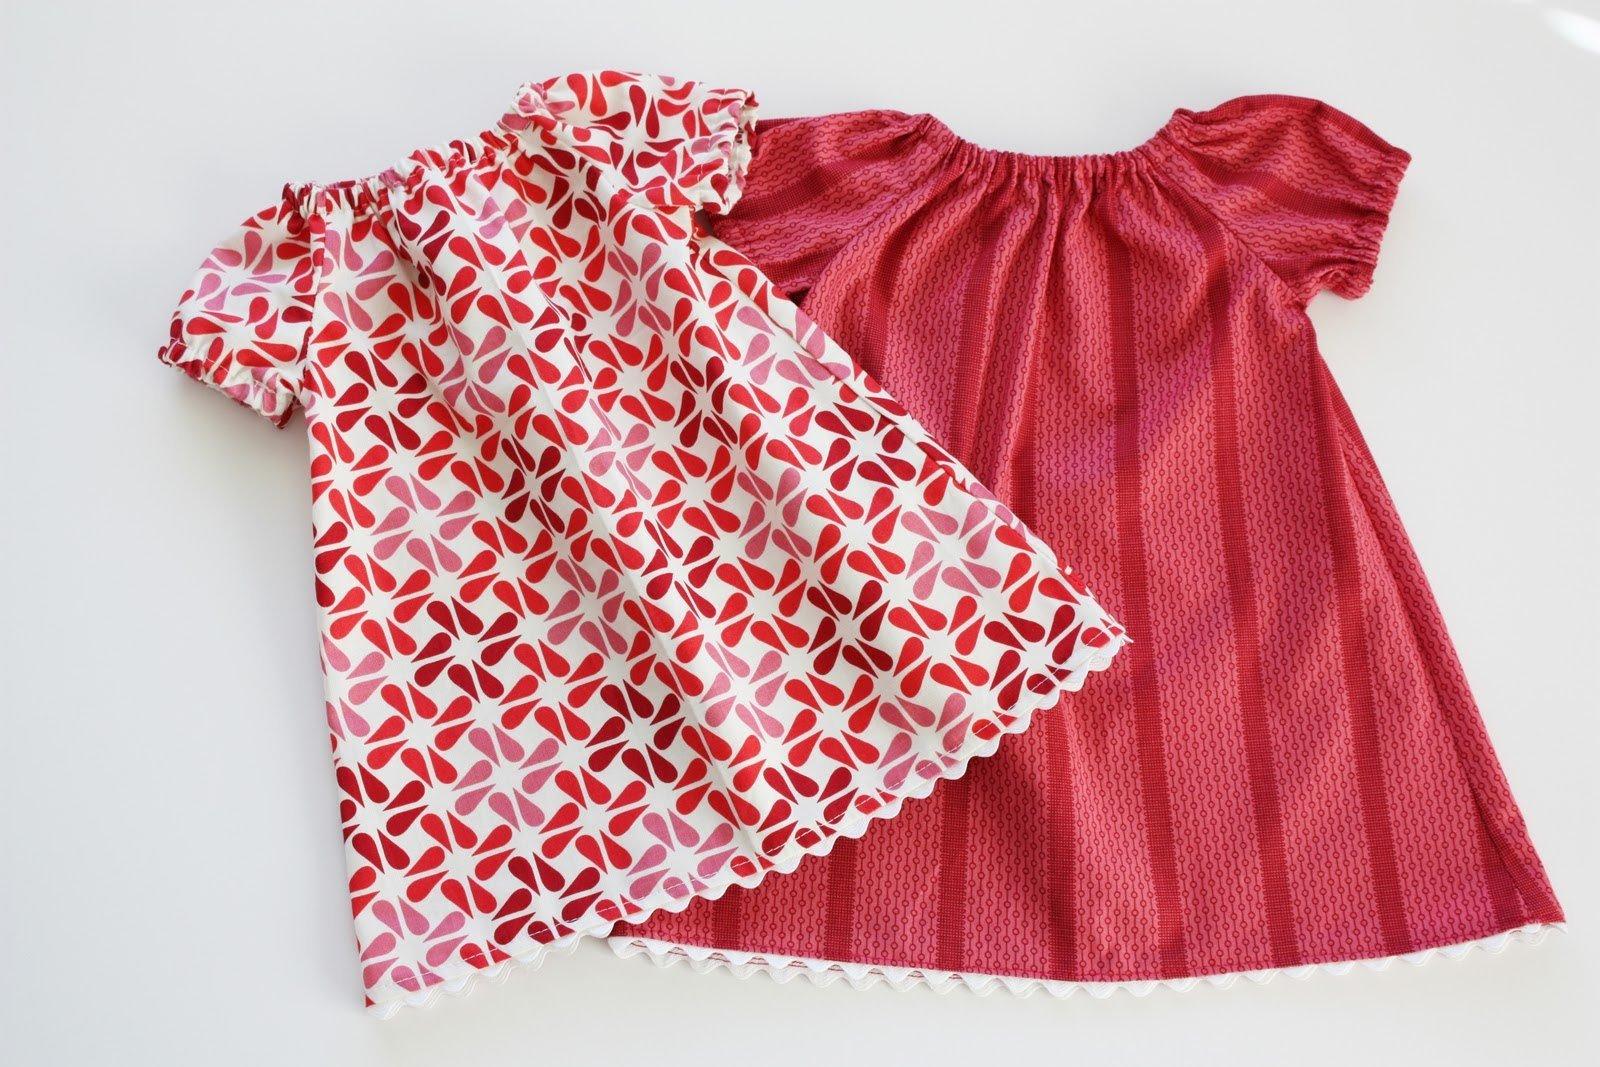 c62c0c4efc44a6e Эта статья расскажет о том, как быстро и качественно сшить красивое, легкое  платье своими руками. Для этого не нужно большого опыта шитья, достаточно  самых ...